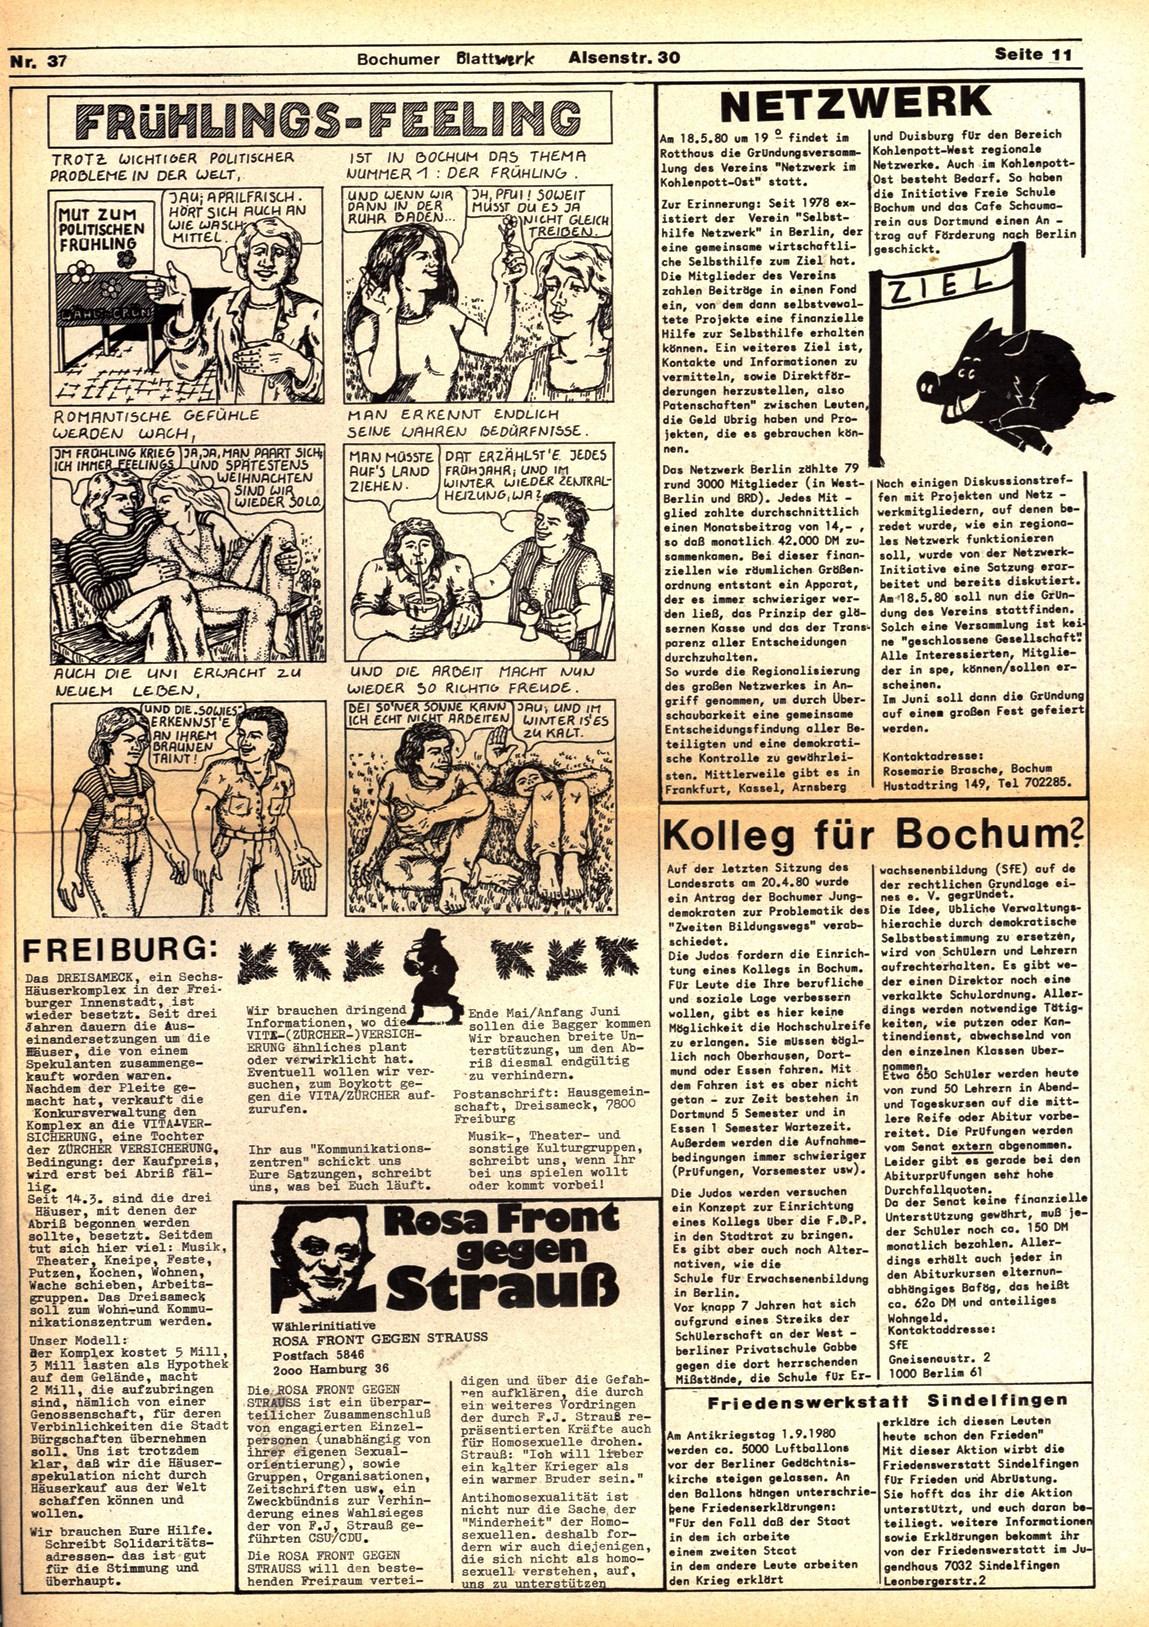 Bochum_Stattblatt_19800500_37_11